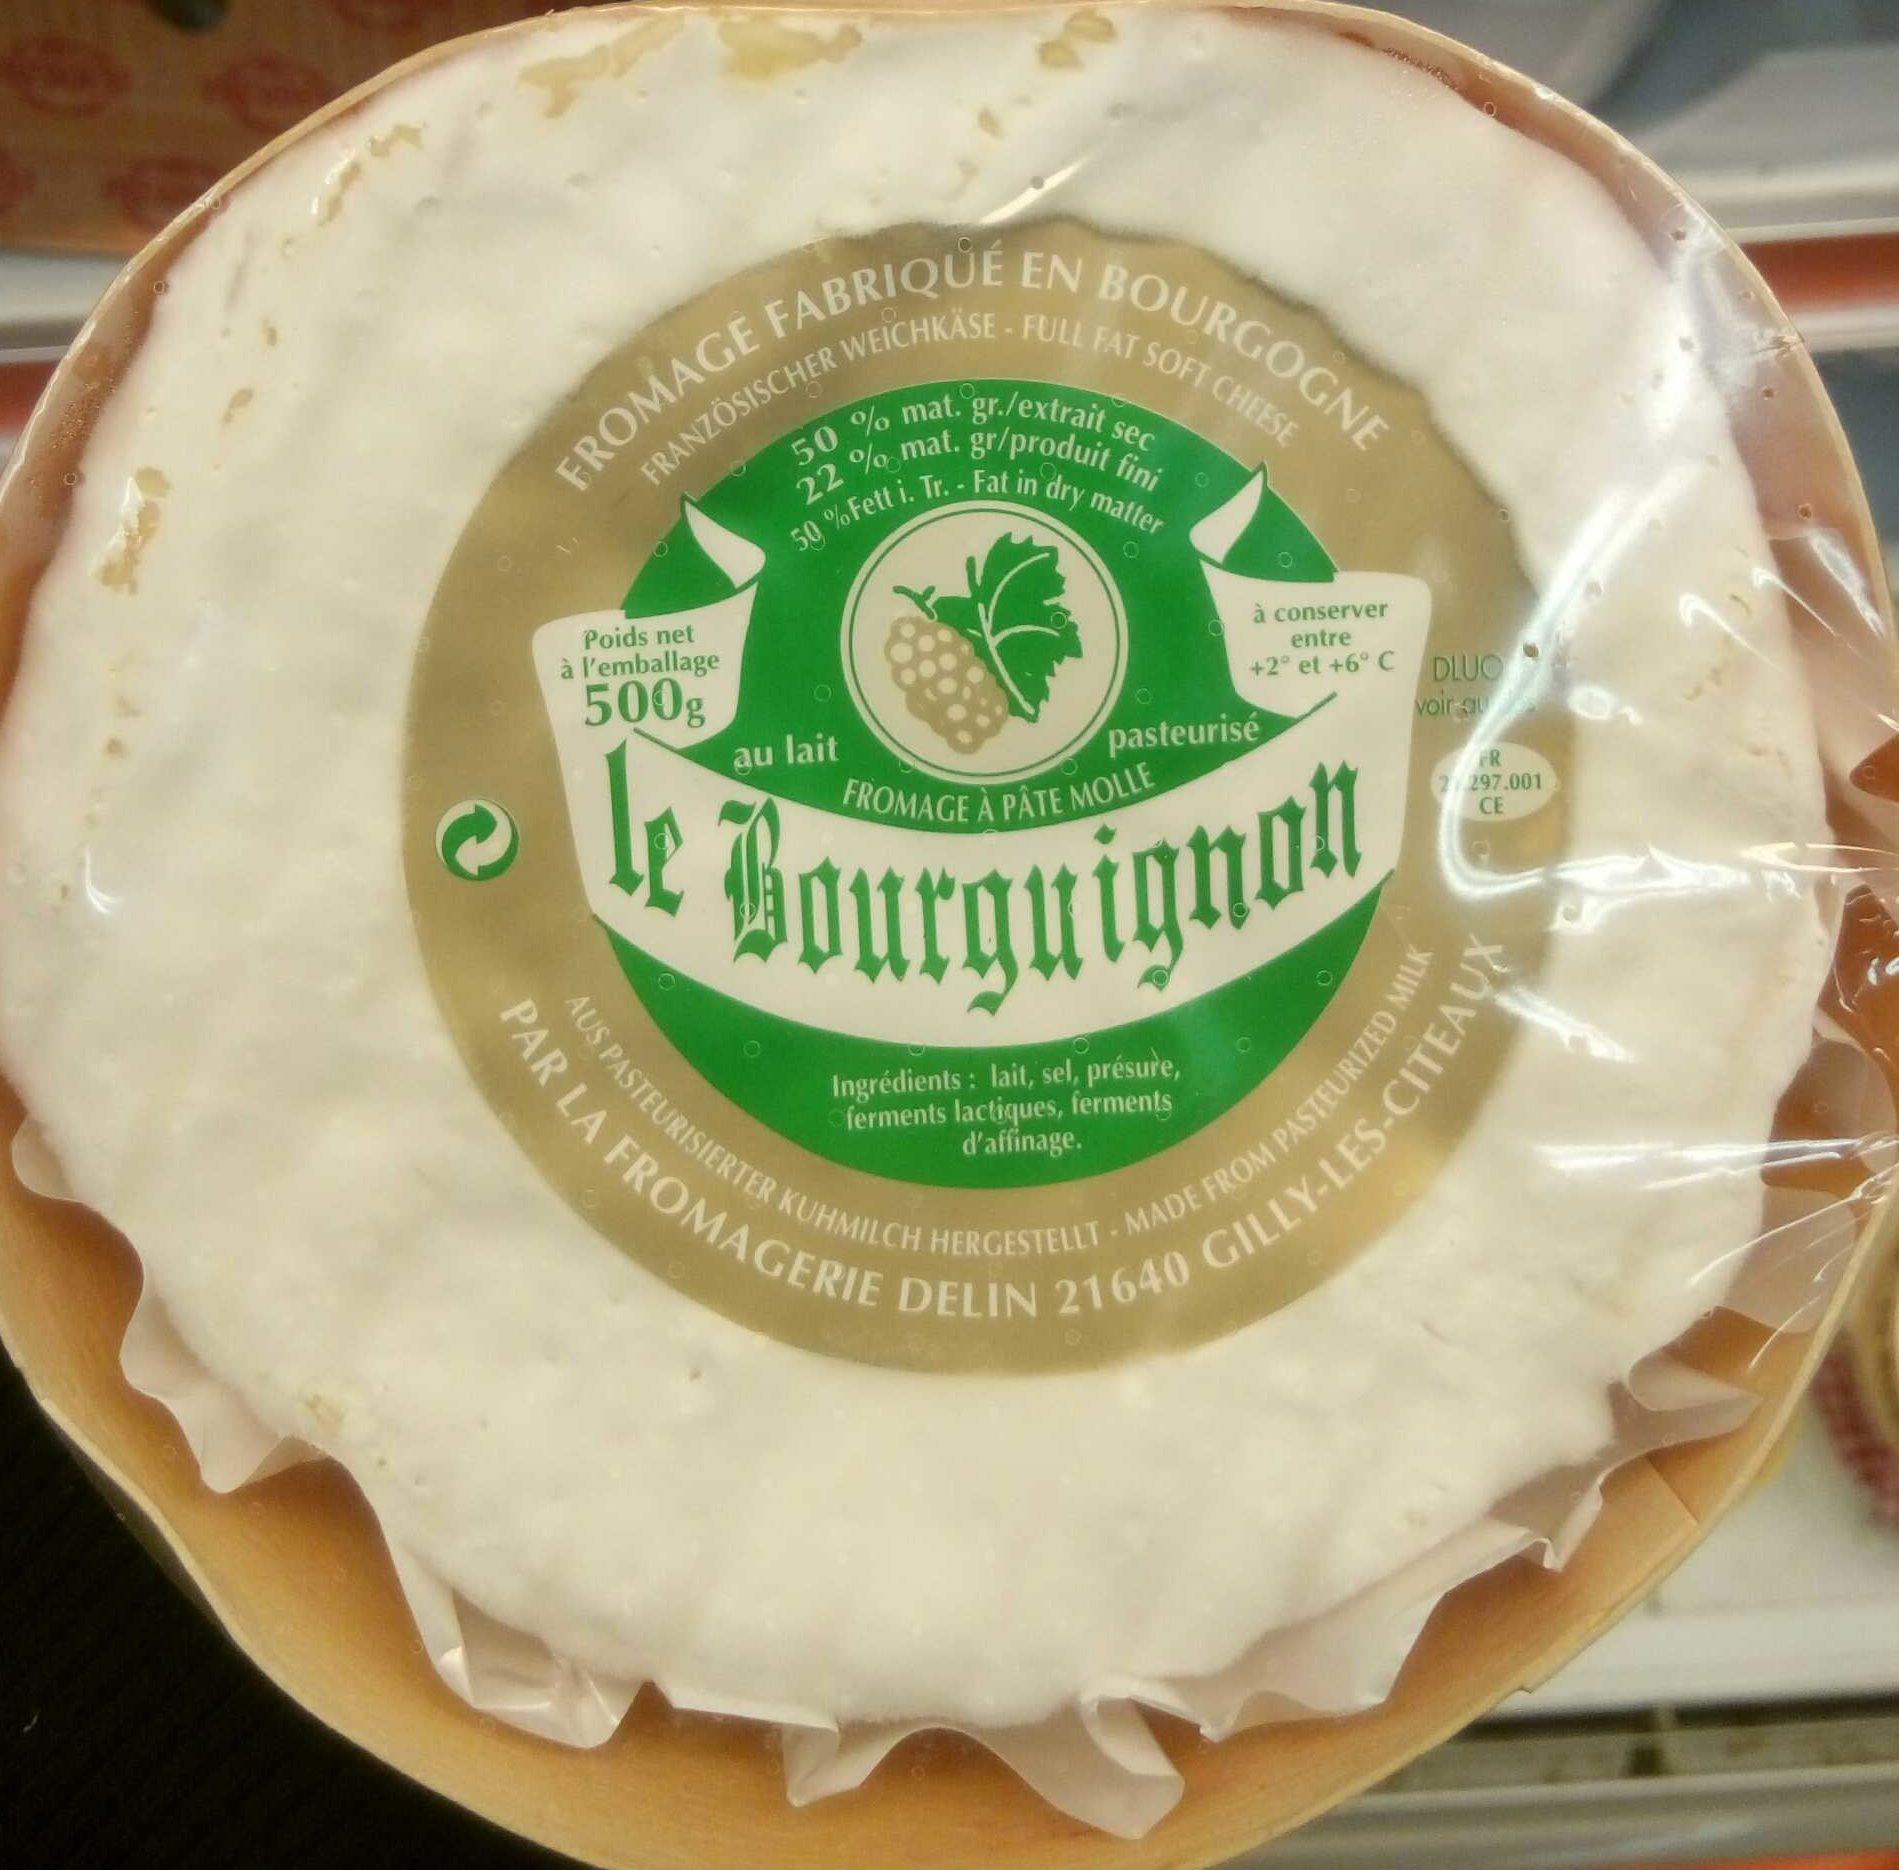 Le Bourguignon (22 % M.G.) - Product